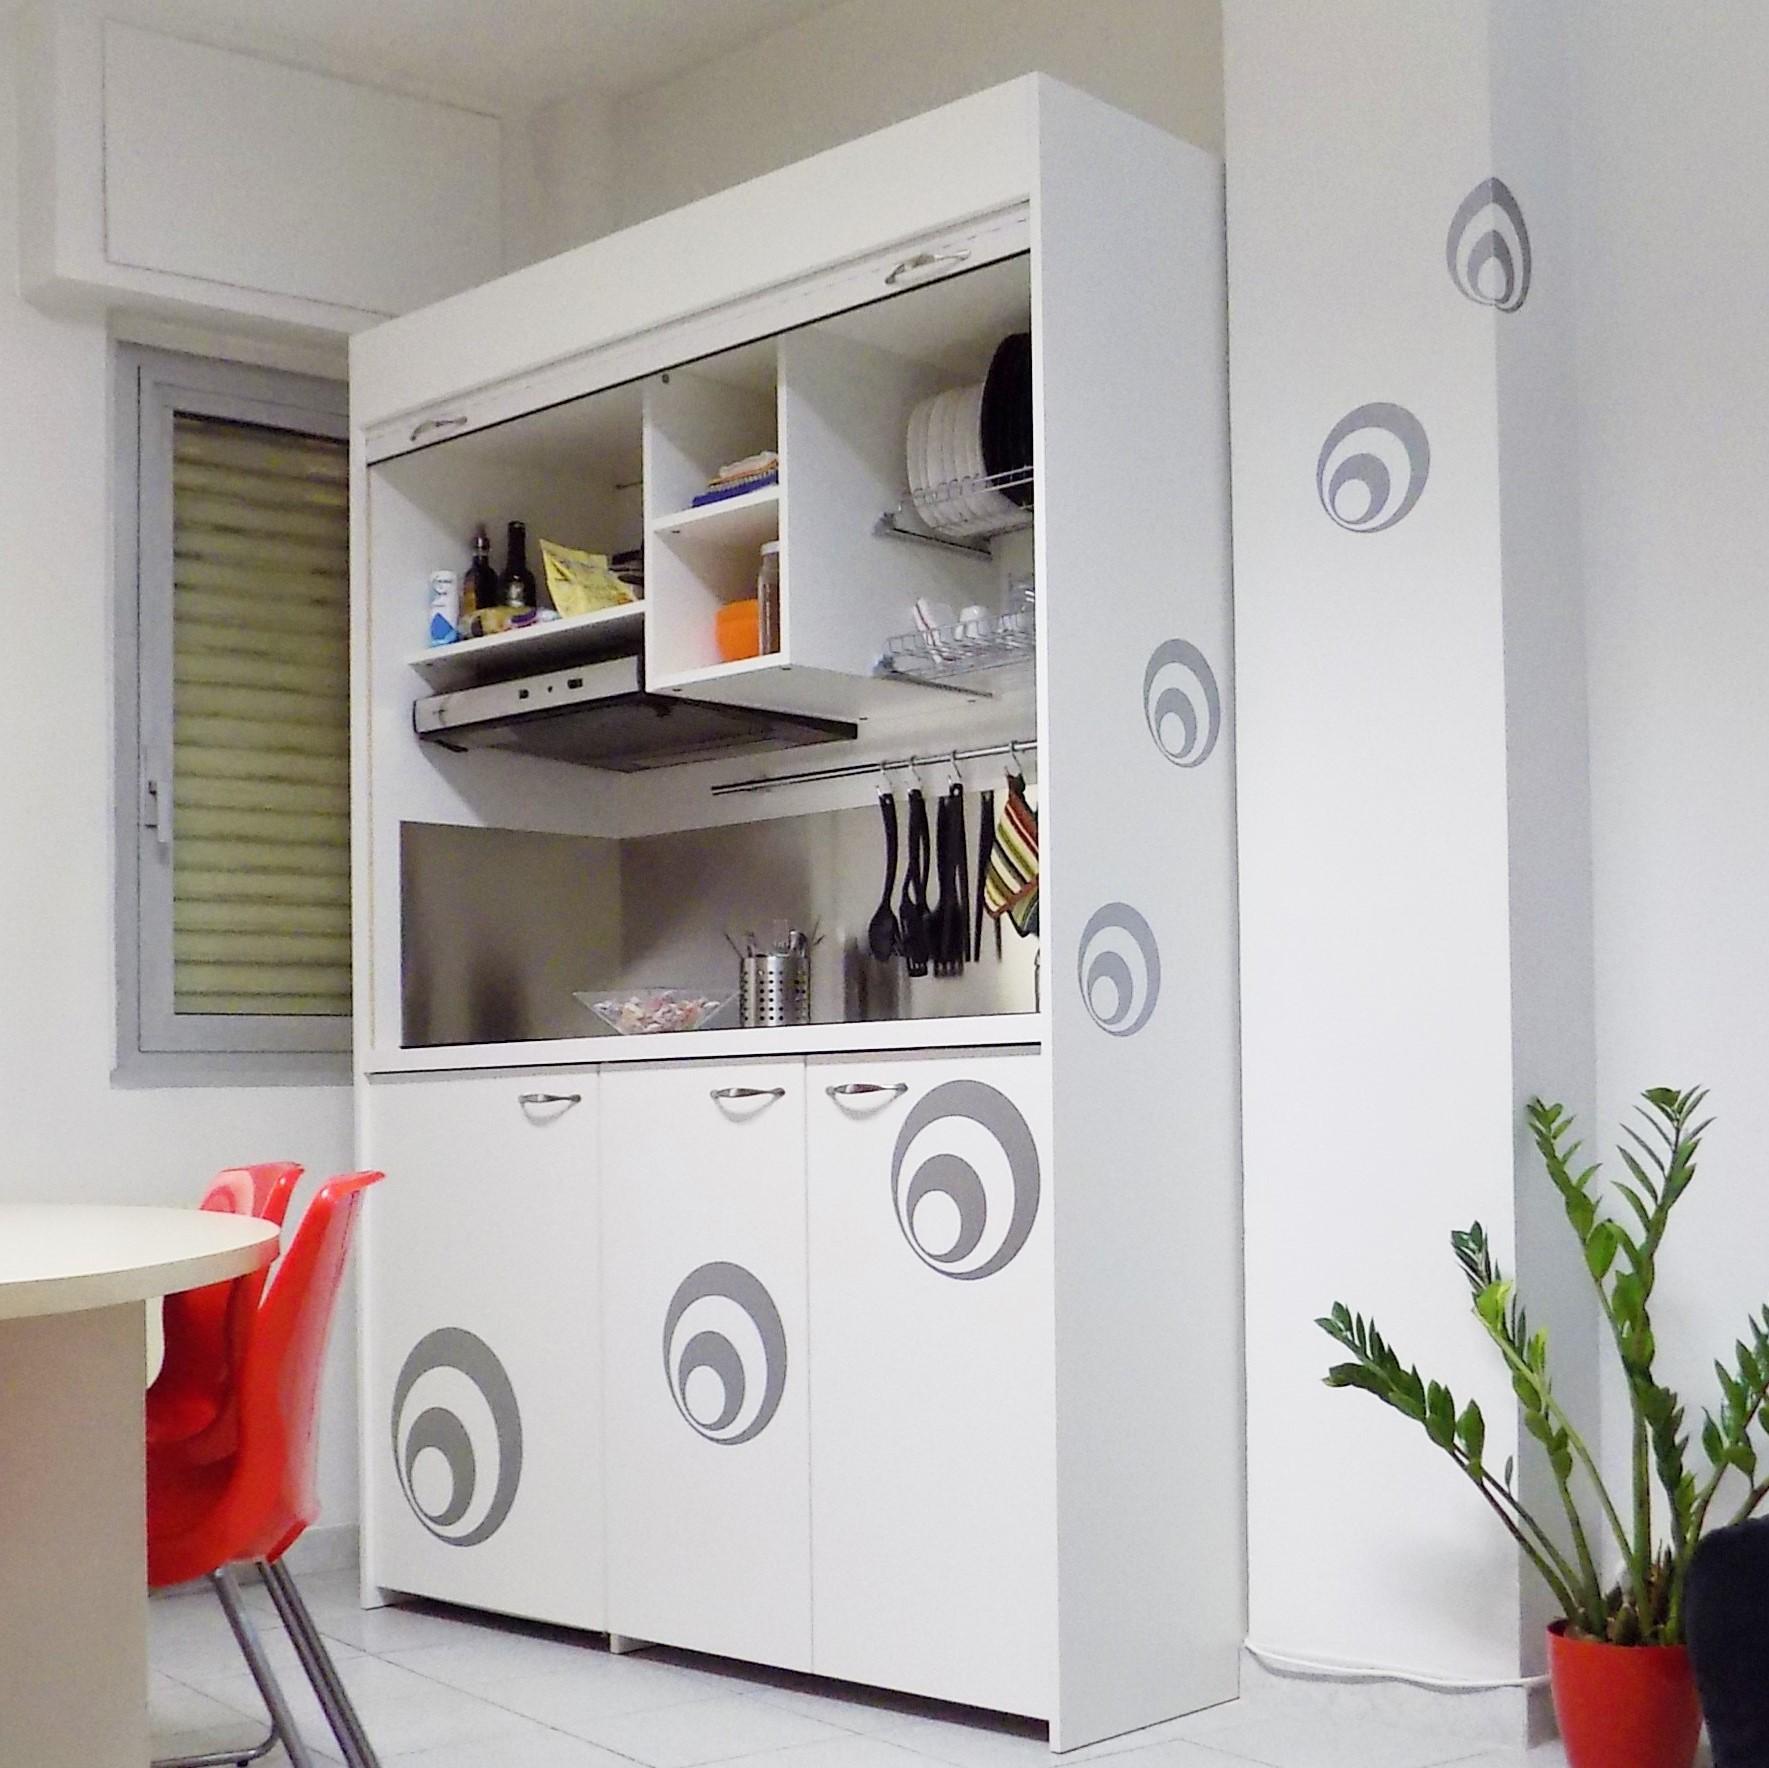 La cucina a scomparsa armadio compact 154 - Armadio cucina monoblocco ...